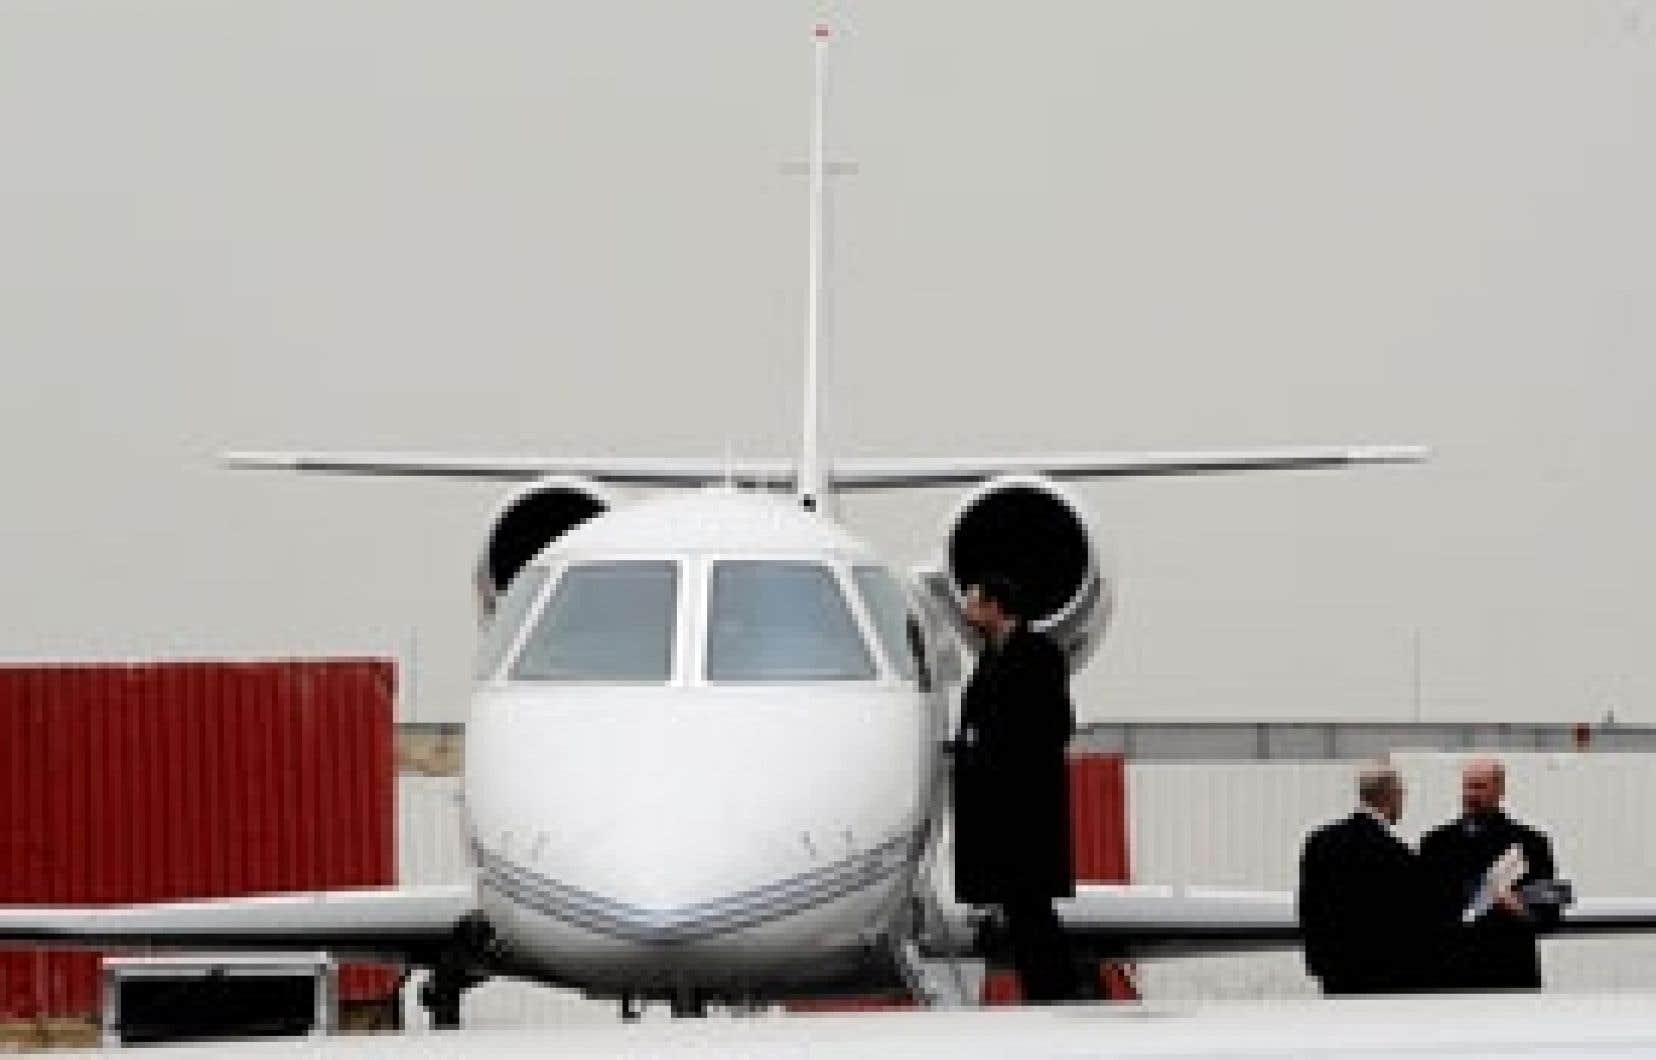 Les week-ends pour les classes aisées, proposés par les constructeurs en aéronautique, attirent de plus en plus d'adeptes. Les invités sont cueillis en avions privés dans différents coins de la Chine.